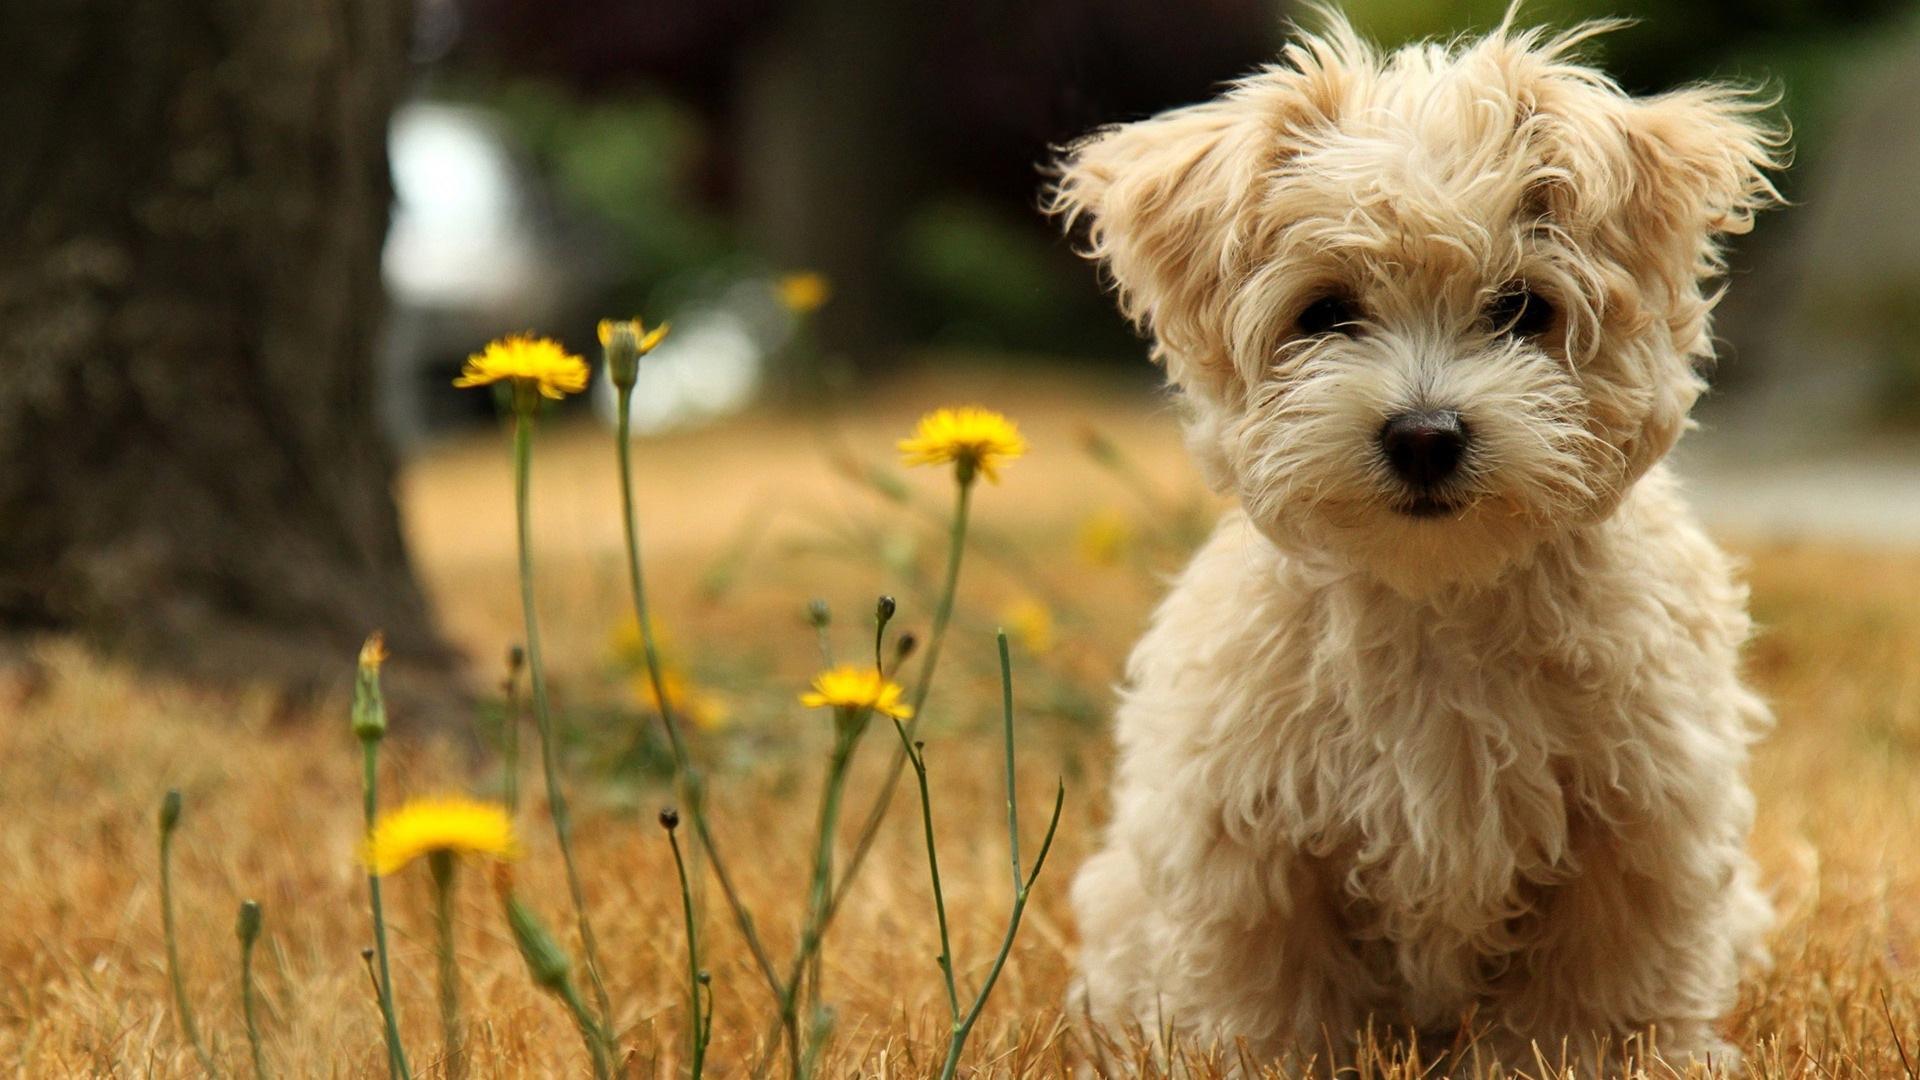 Free Cute Little Animals & Birds Desktop Wallpapers in HD